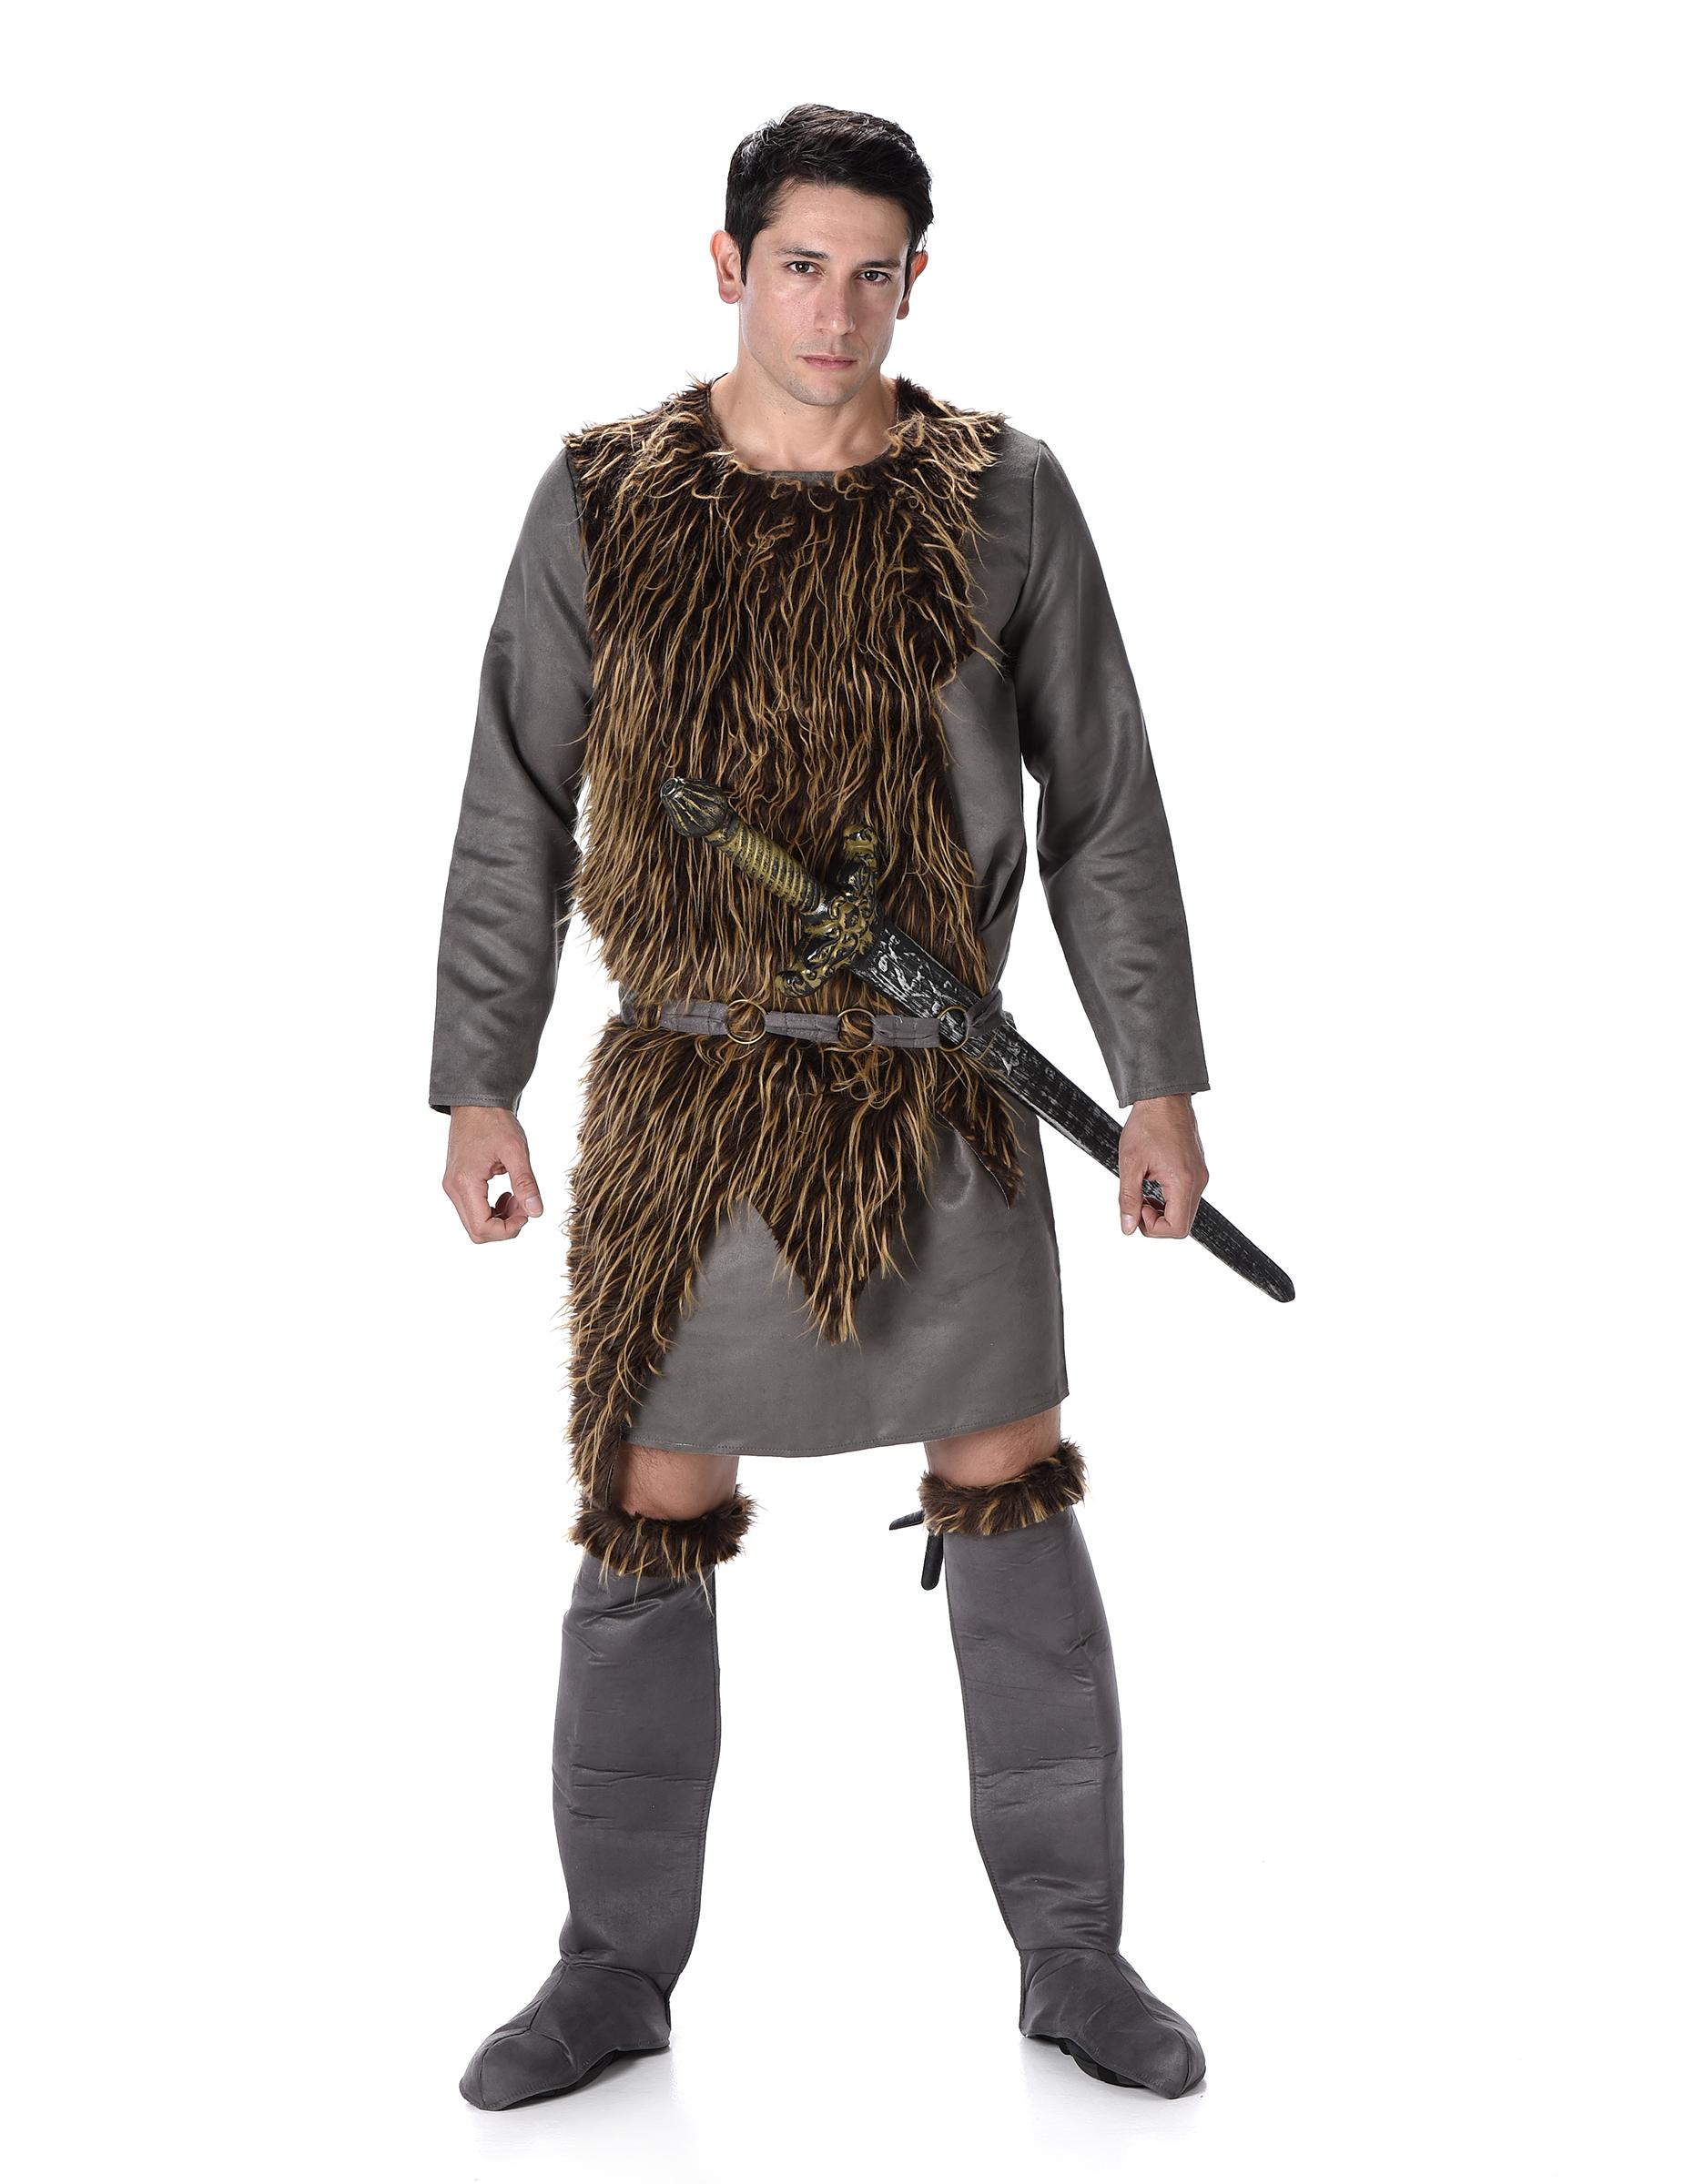 D guisement viking homme achat de d guisements adultes sur vegaoopro grossiste en d guisements - Deguisement rebelle adulte ...